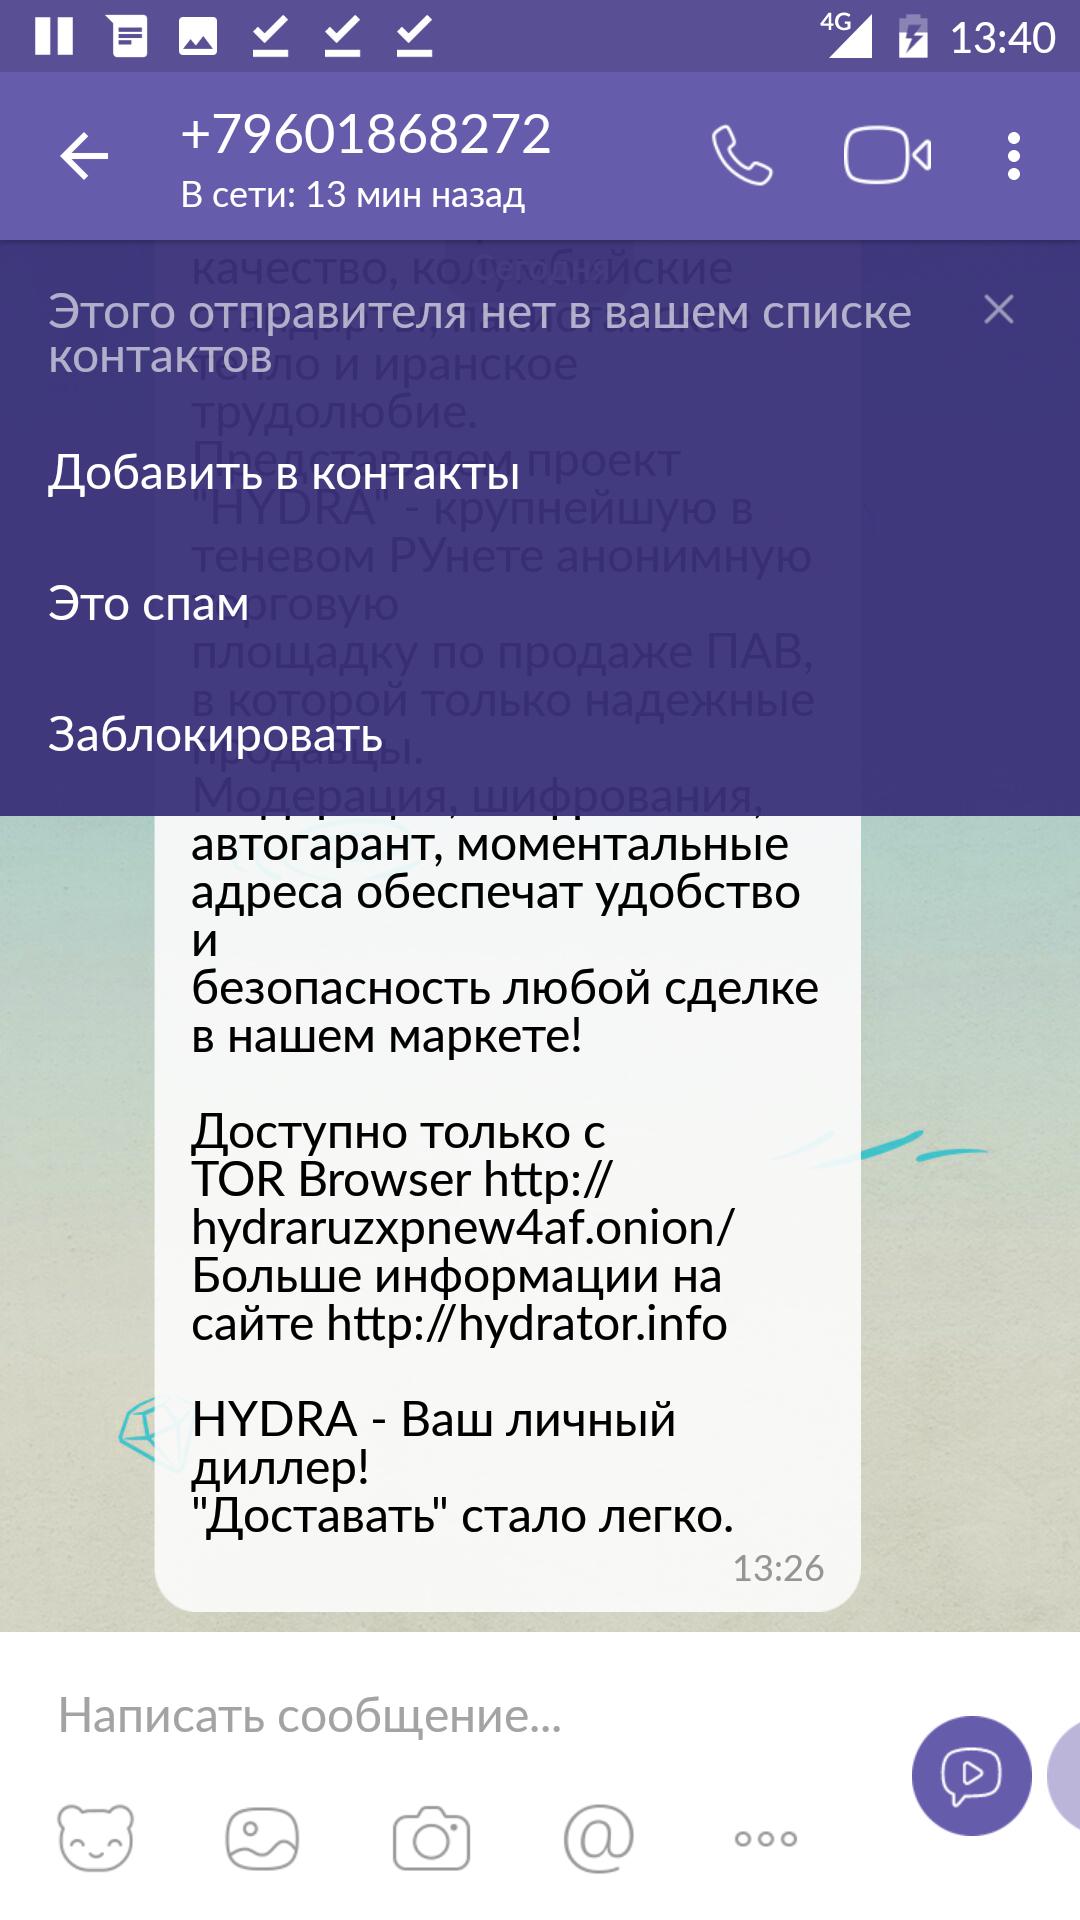 пиратский браузер тор hydraruzxpnew4af